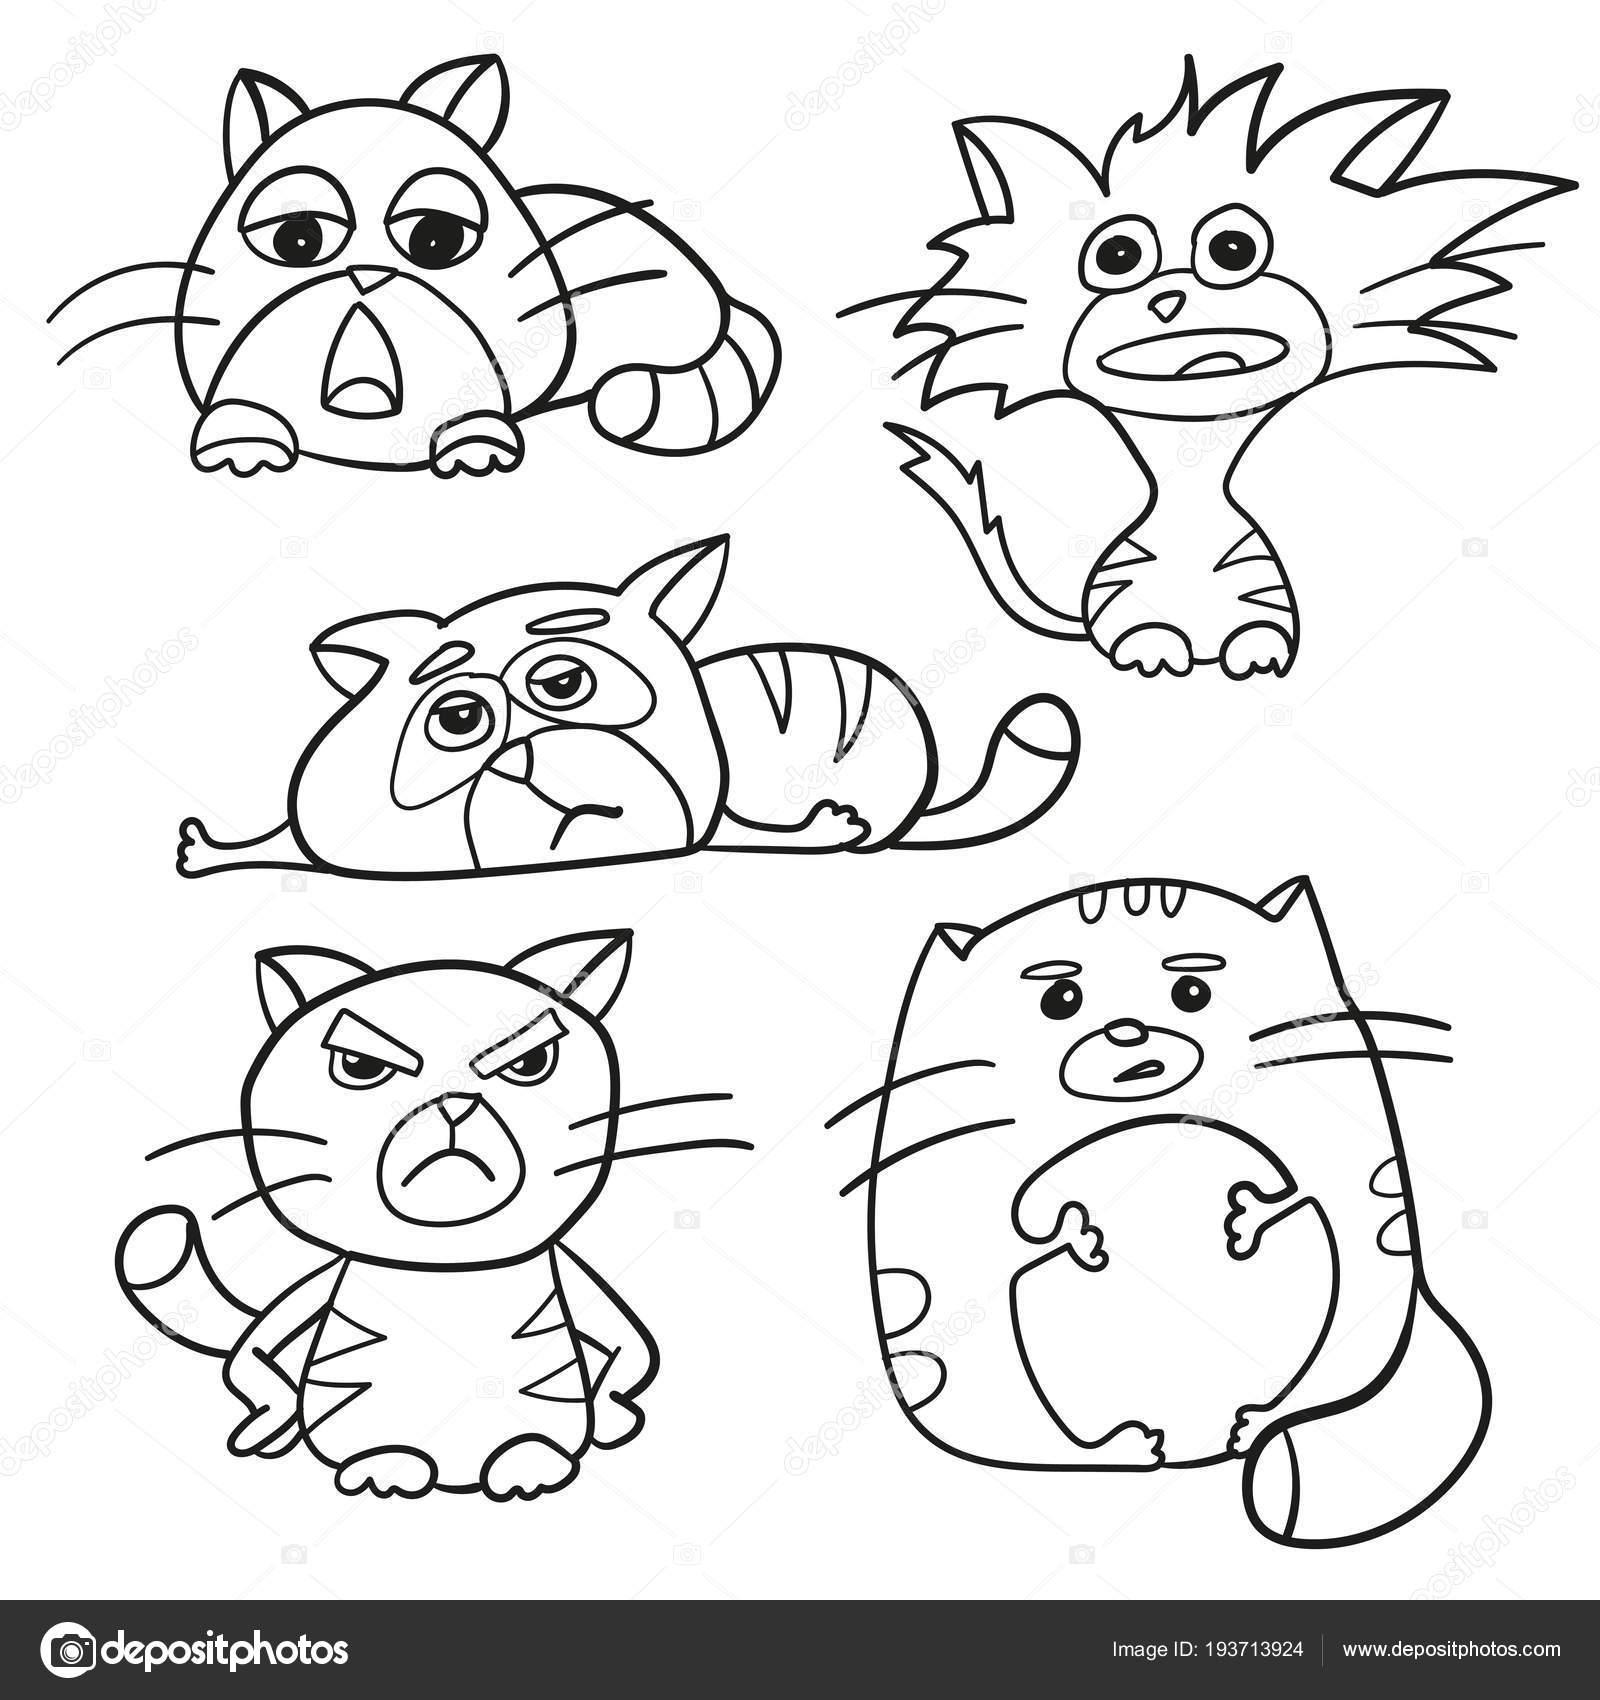 окраска страница наброски из мультфильма пушистые кошки